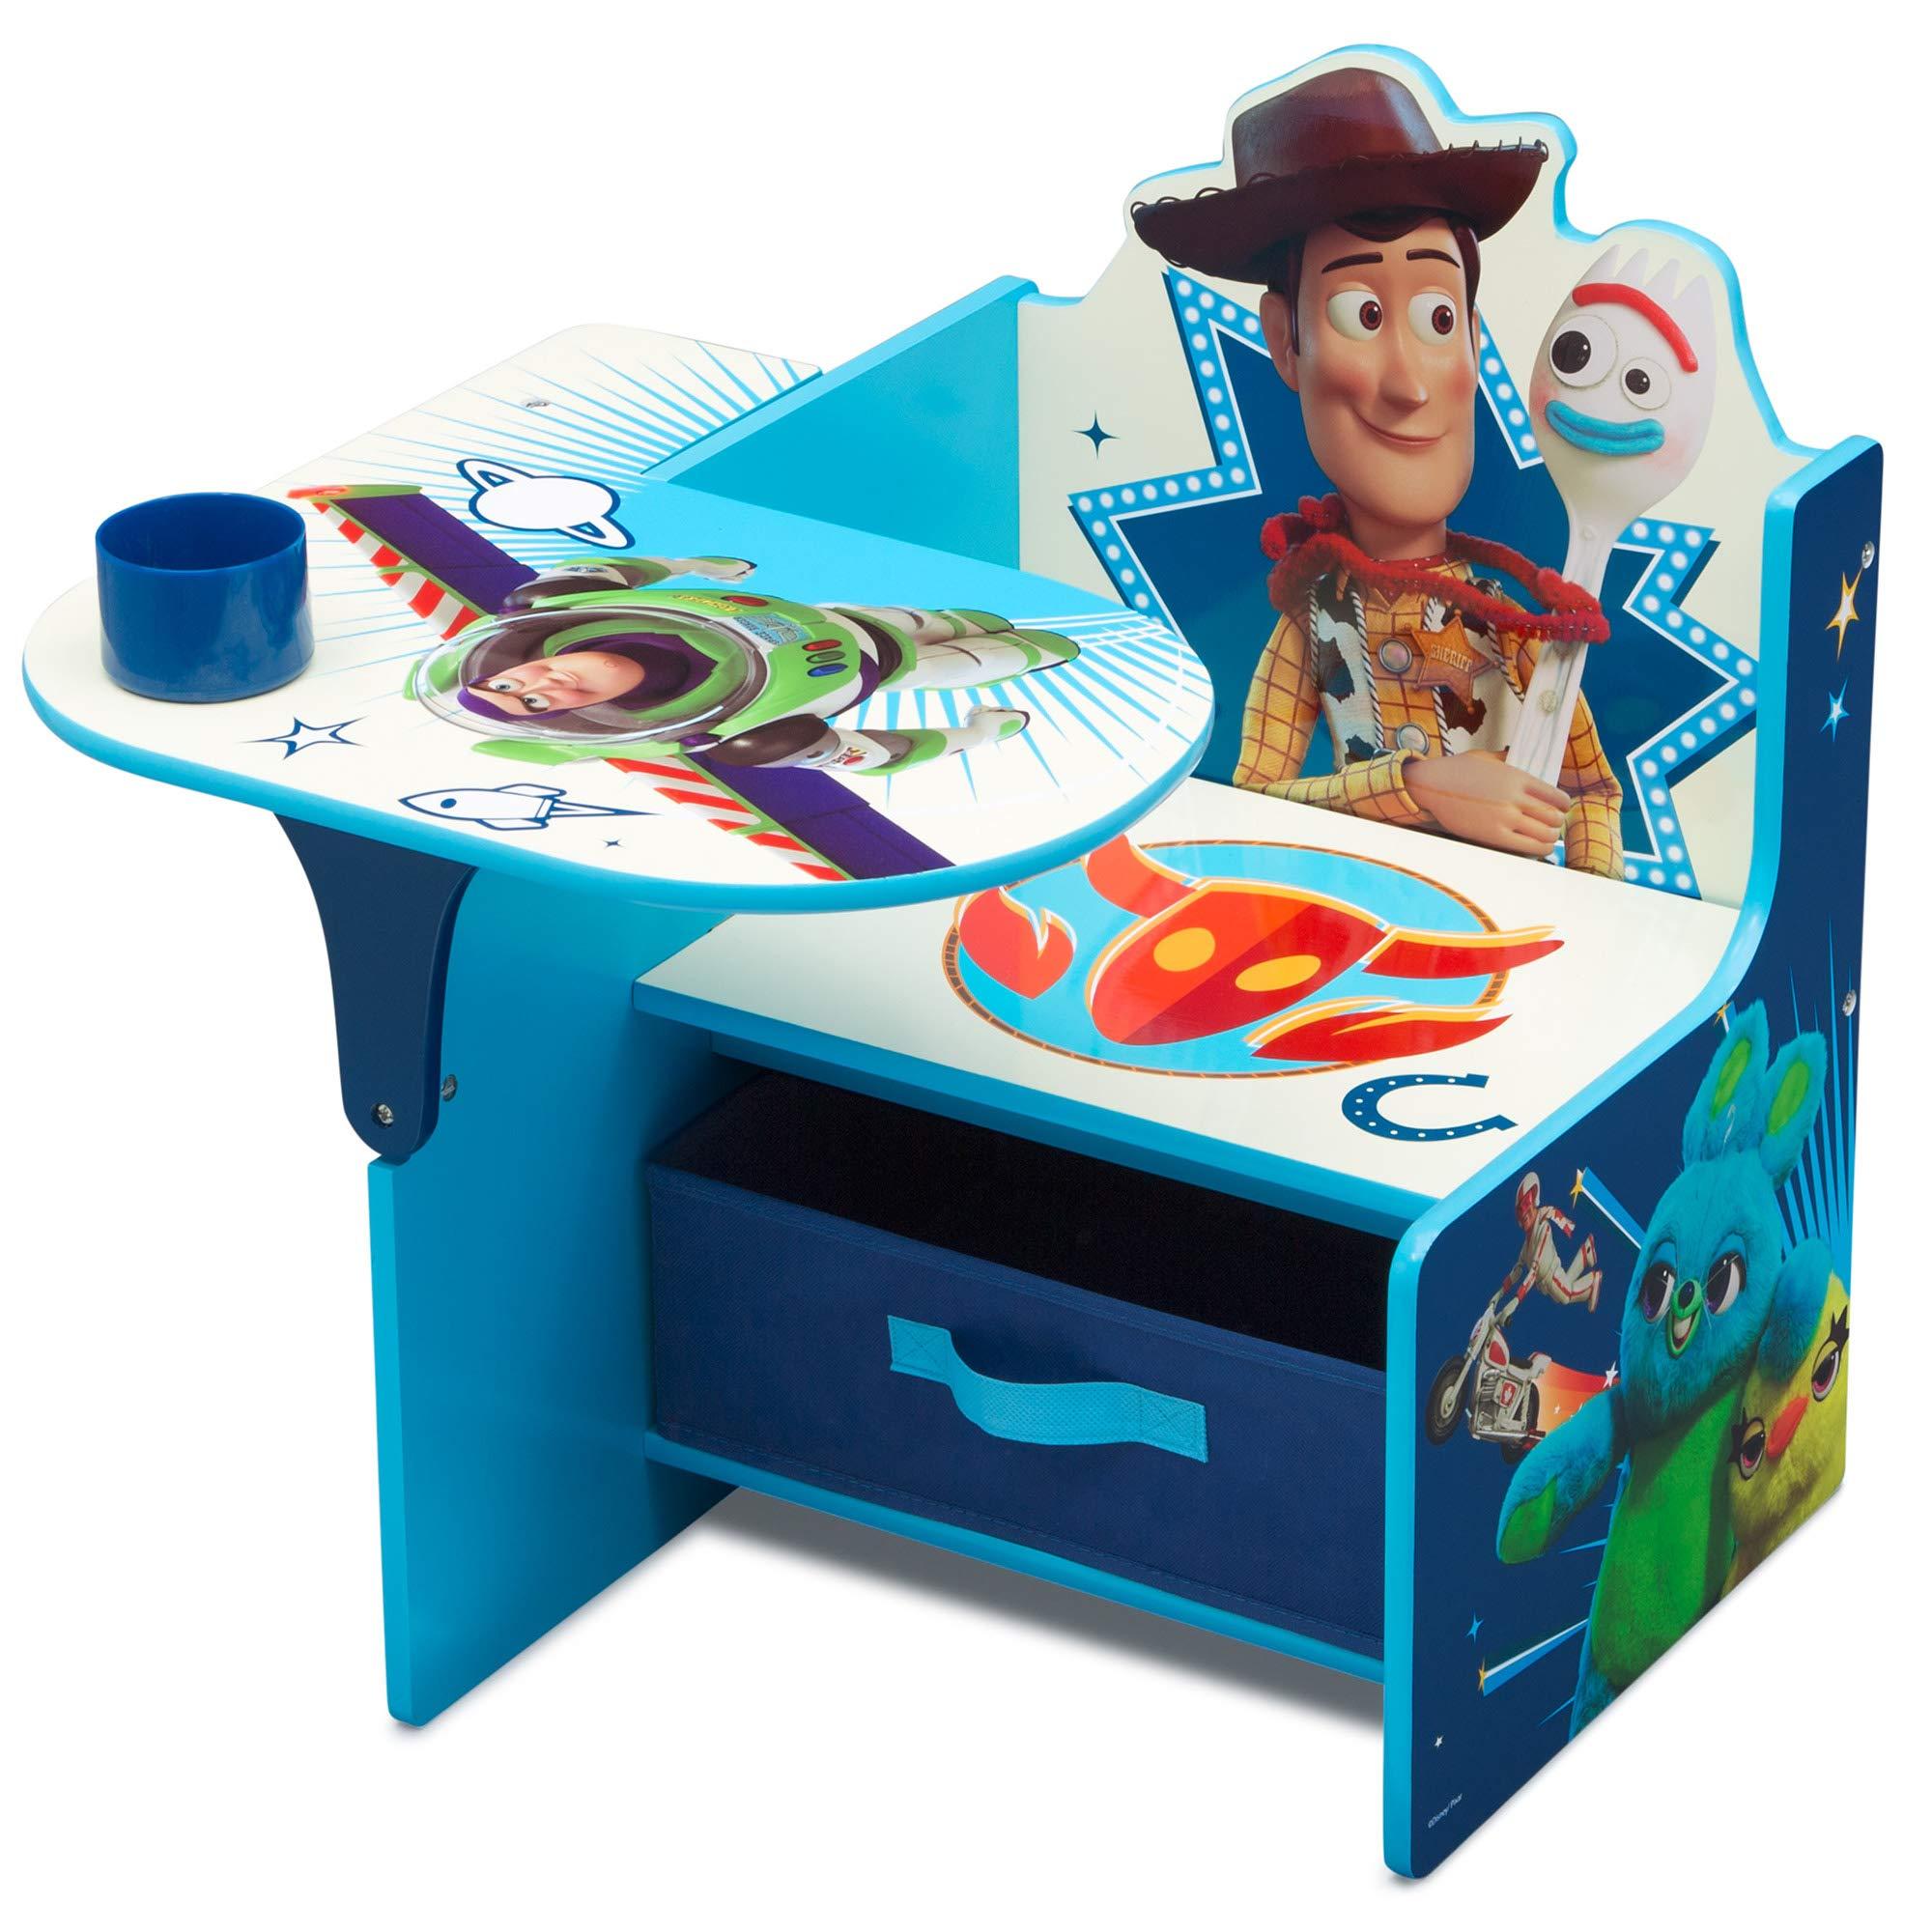 Children Chair Desk with Storage Bin, Disney Toy Story 4 by Delta Children